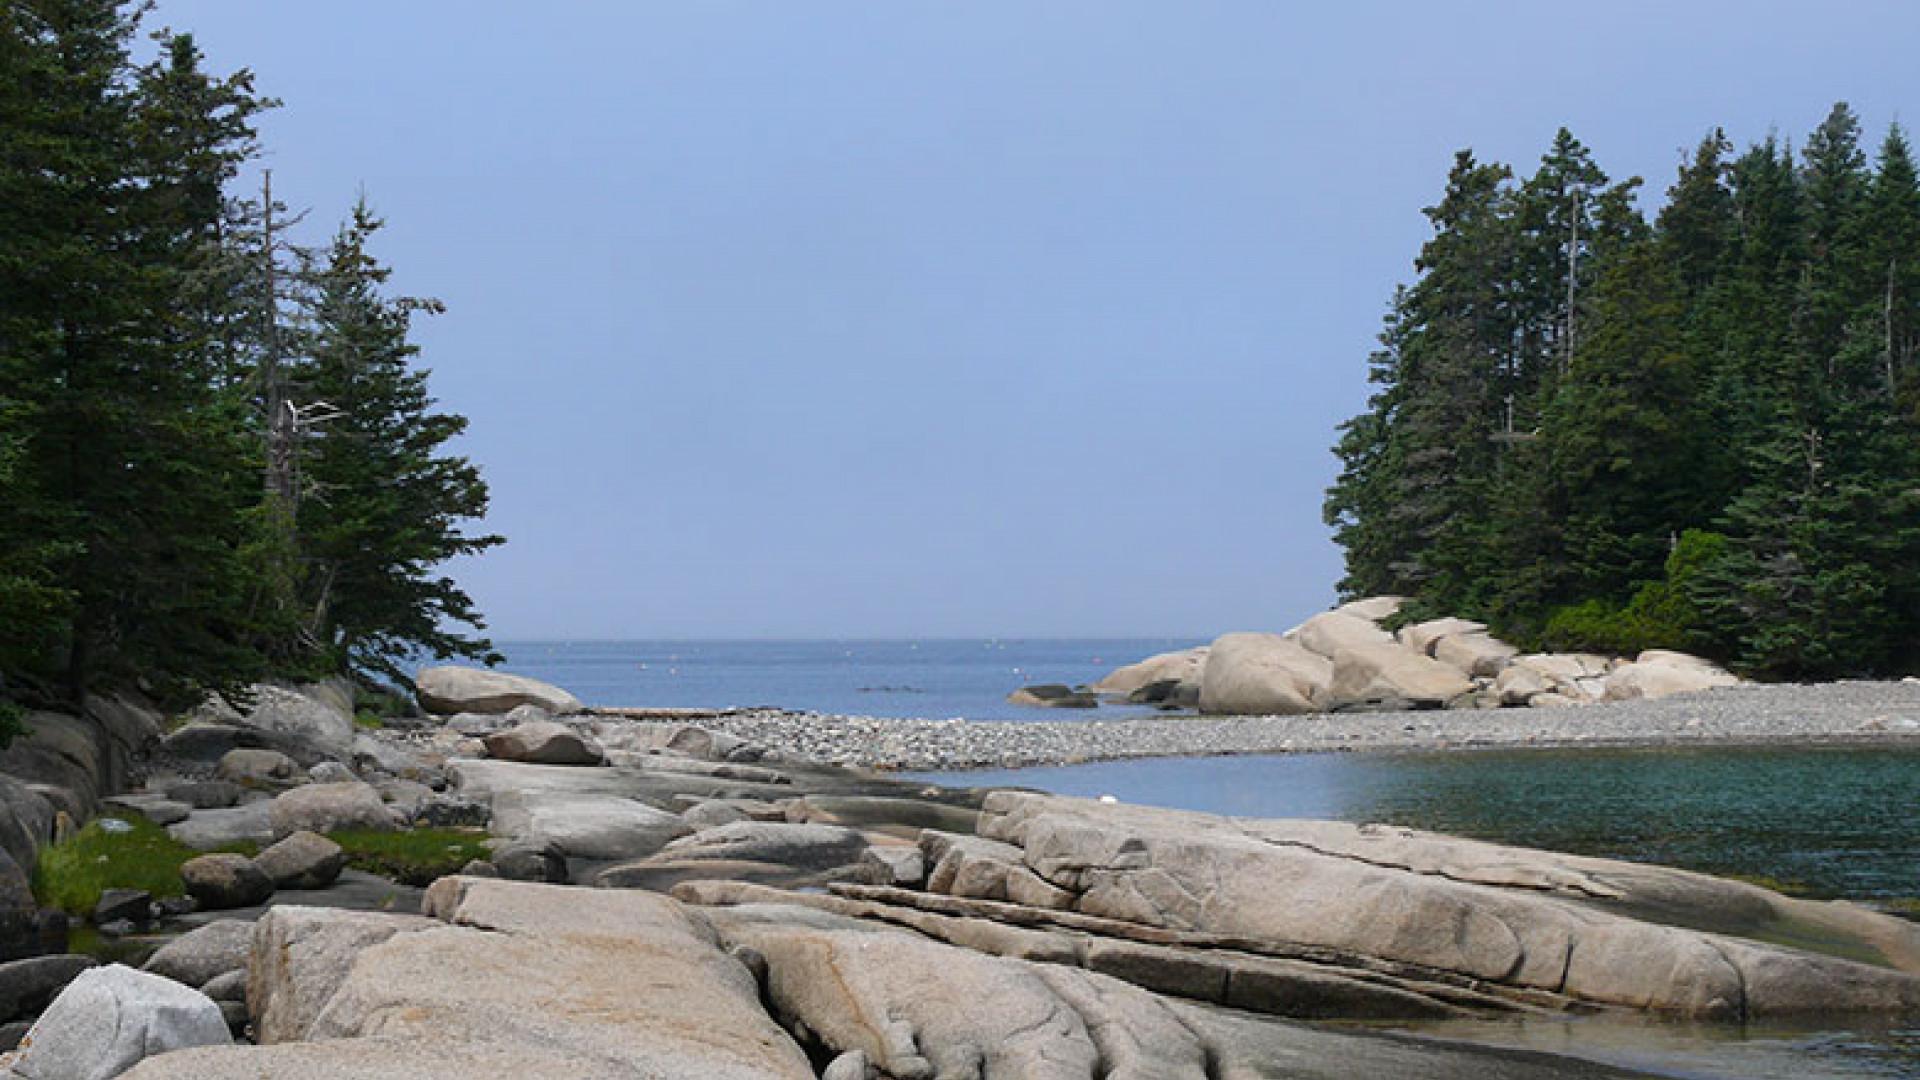 Spectacle-Island-courtesy-of-Hannah-Lazaro-(2)